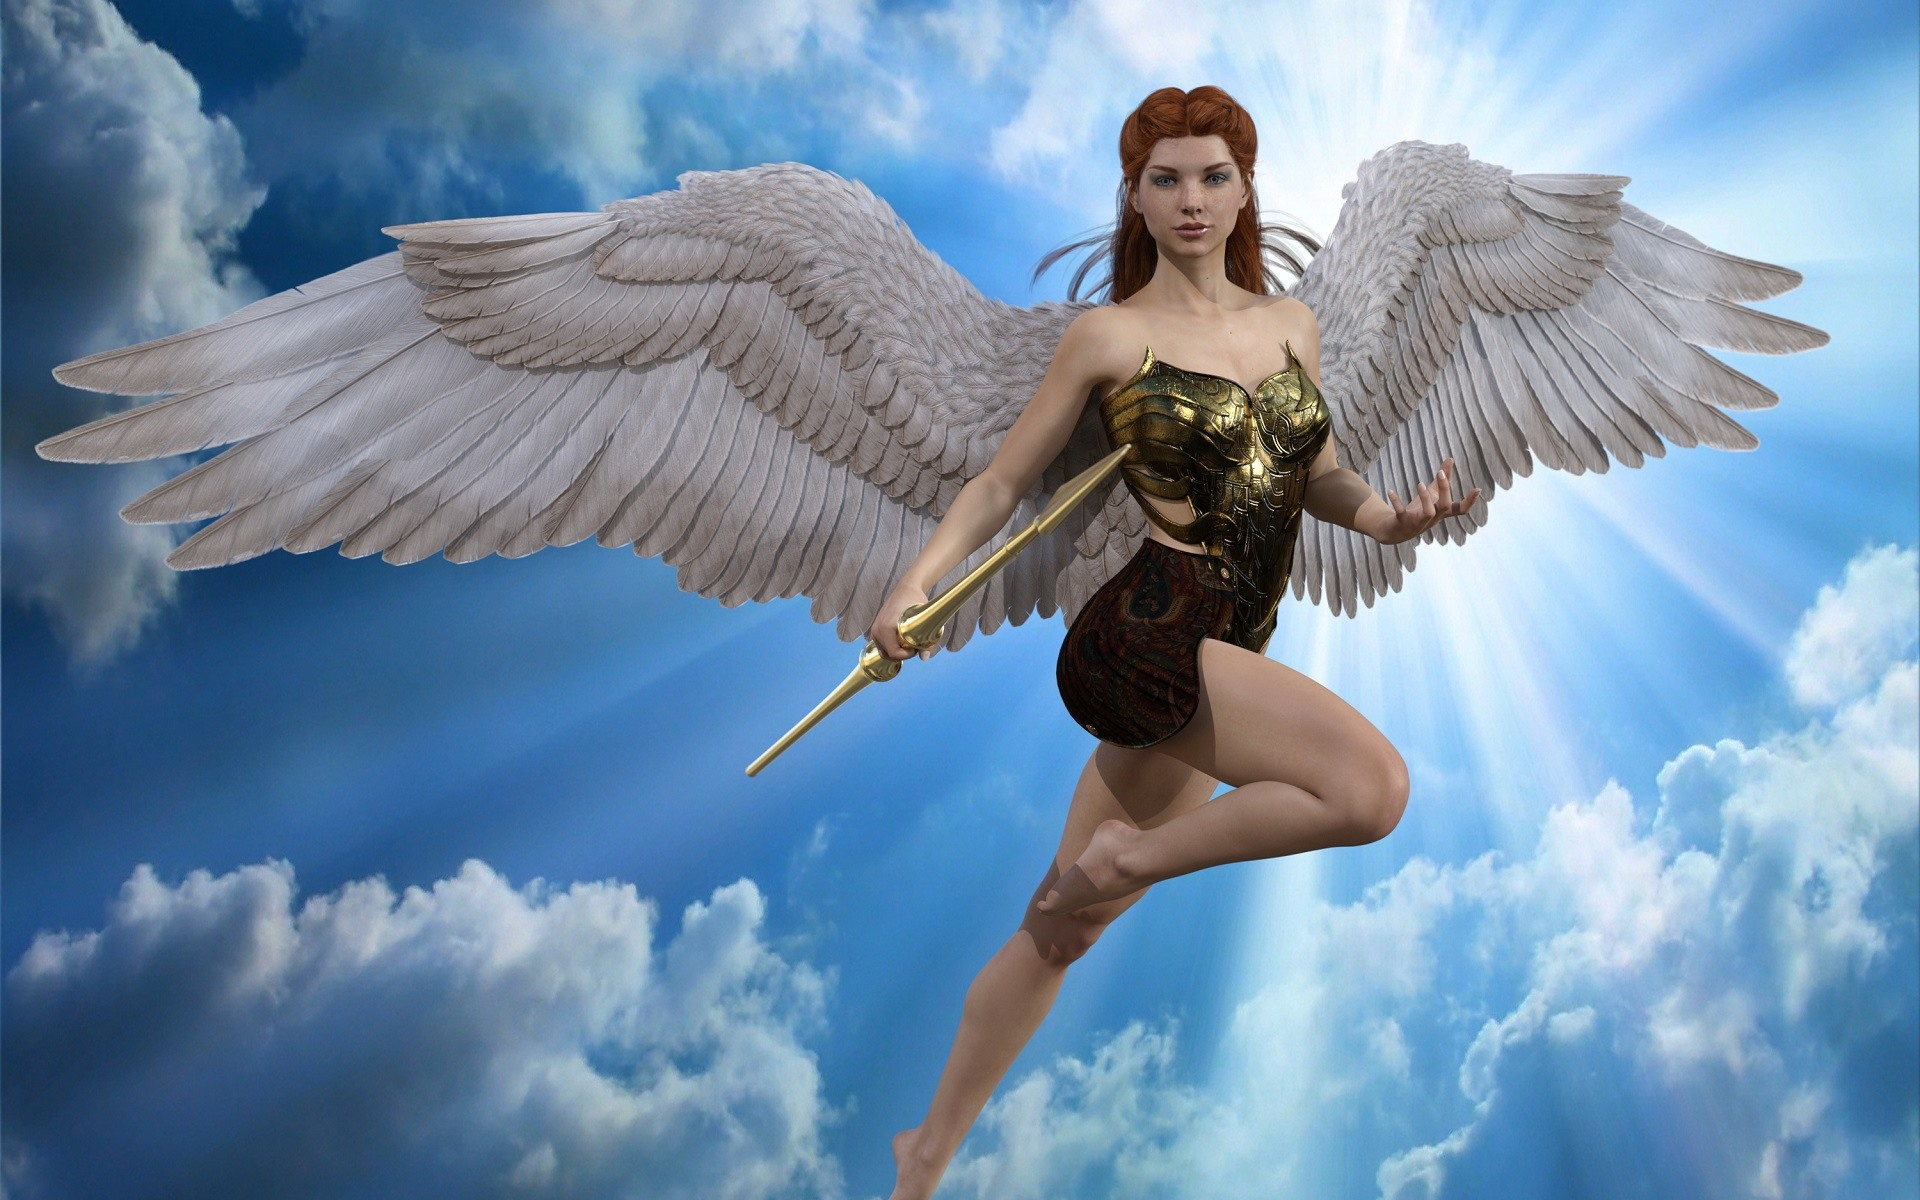 летающие ангелы картинки красиво украшены классическими